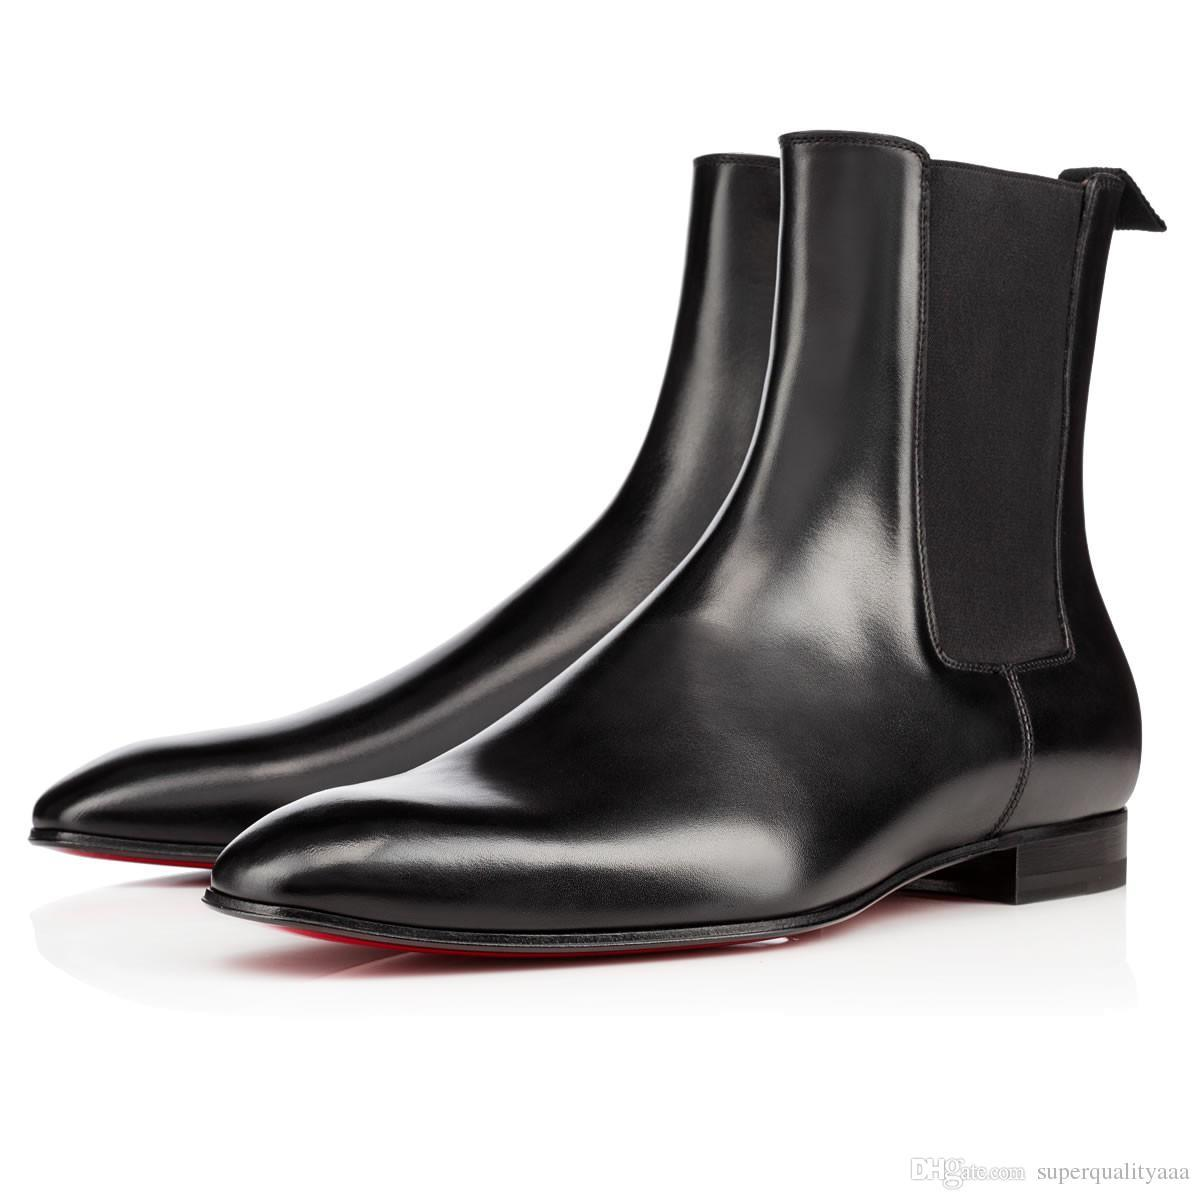 Erkekler Için süper Kalite Kırmızı Alt Roadie Düz Ayak Bileği Çizmeler Tasarım Rahat Hakiki Deri Mükemmel Parti Elbise Düğün Yürüyüş EU38-47